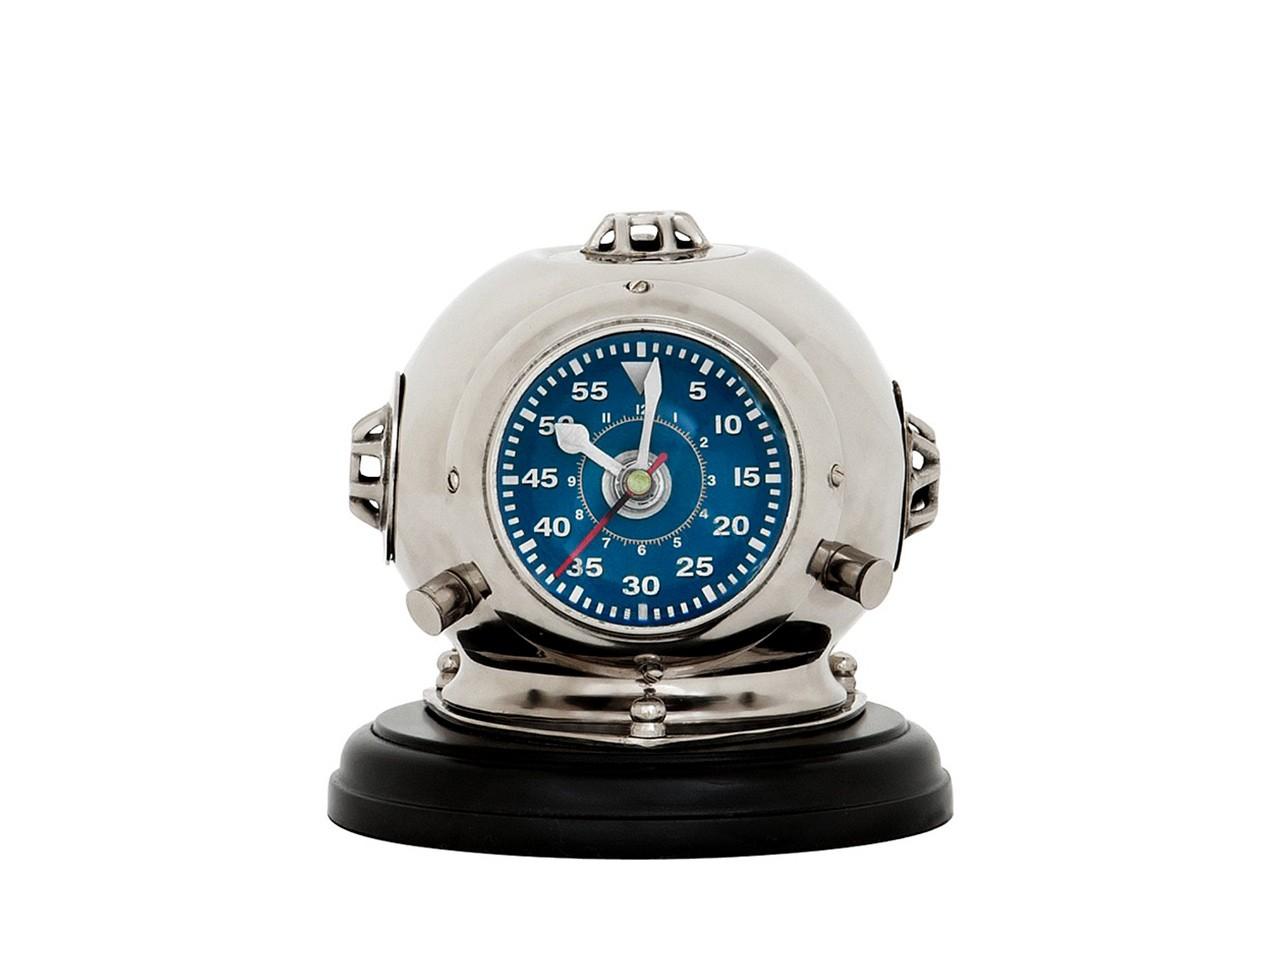 Часы Clock Diving Helmet OdysseyНастольные часы<br>Часы настольные Clock Diving Helmet Odyssey с оригинальным дизайном выполнены из никелированного металла на подставке черного цвета.<br><br>Material: Металл<br>Высота см: 19